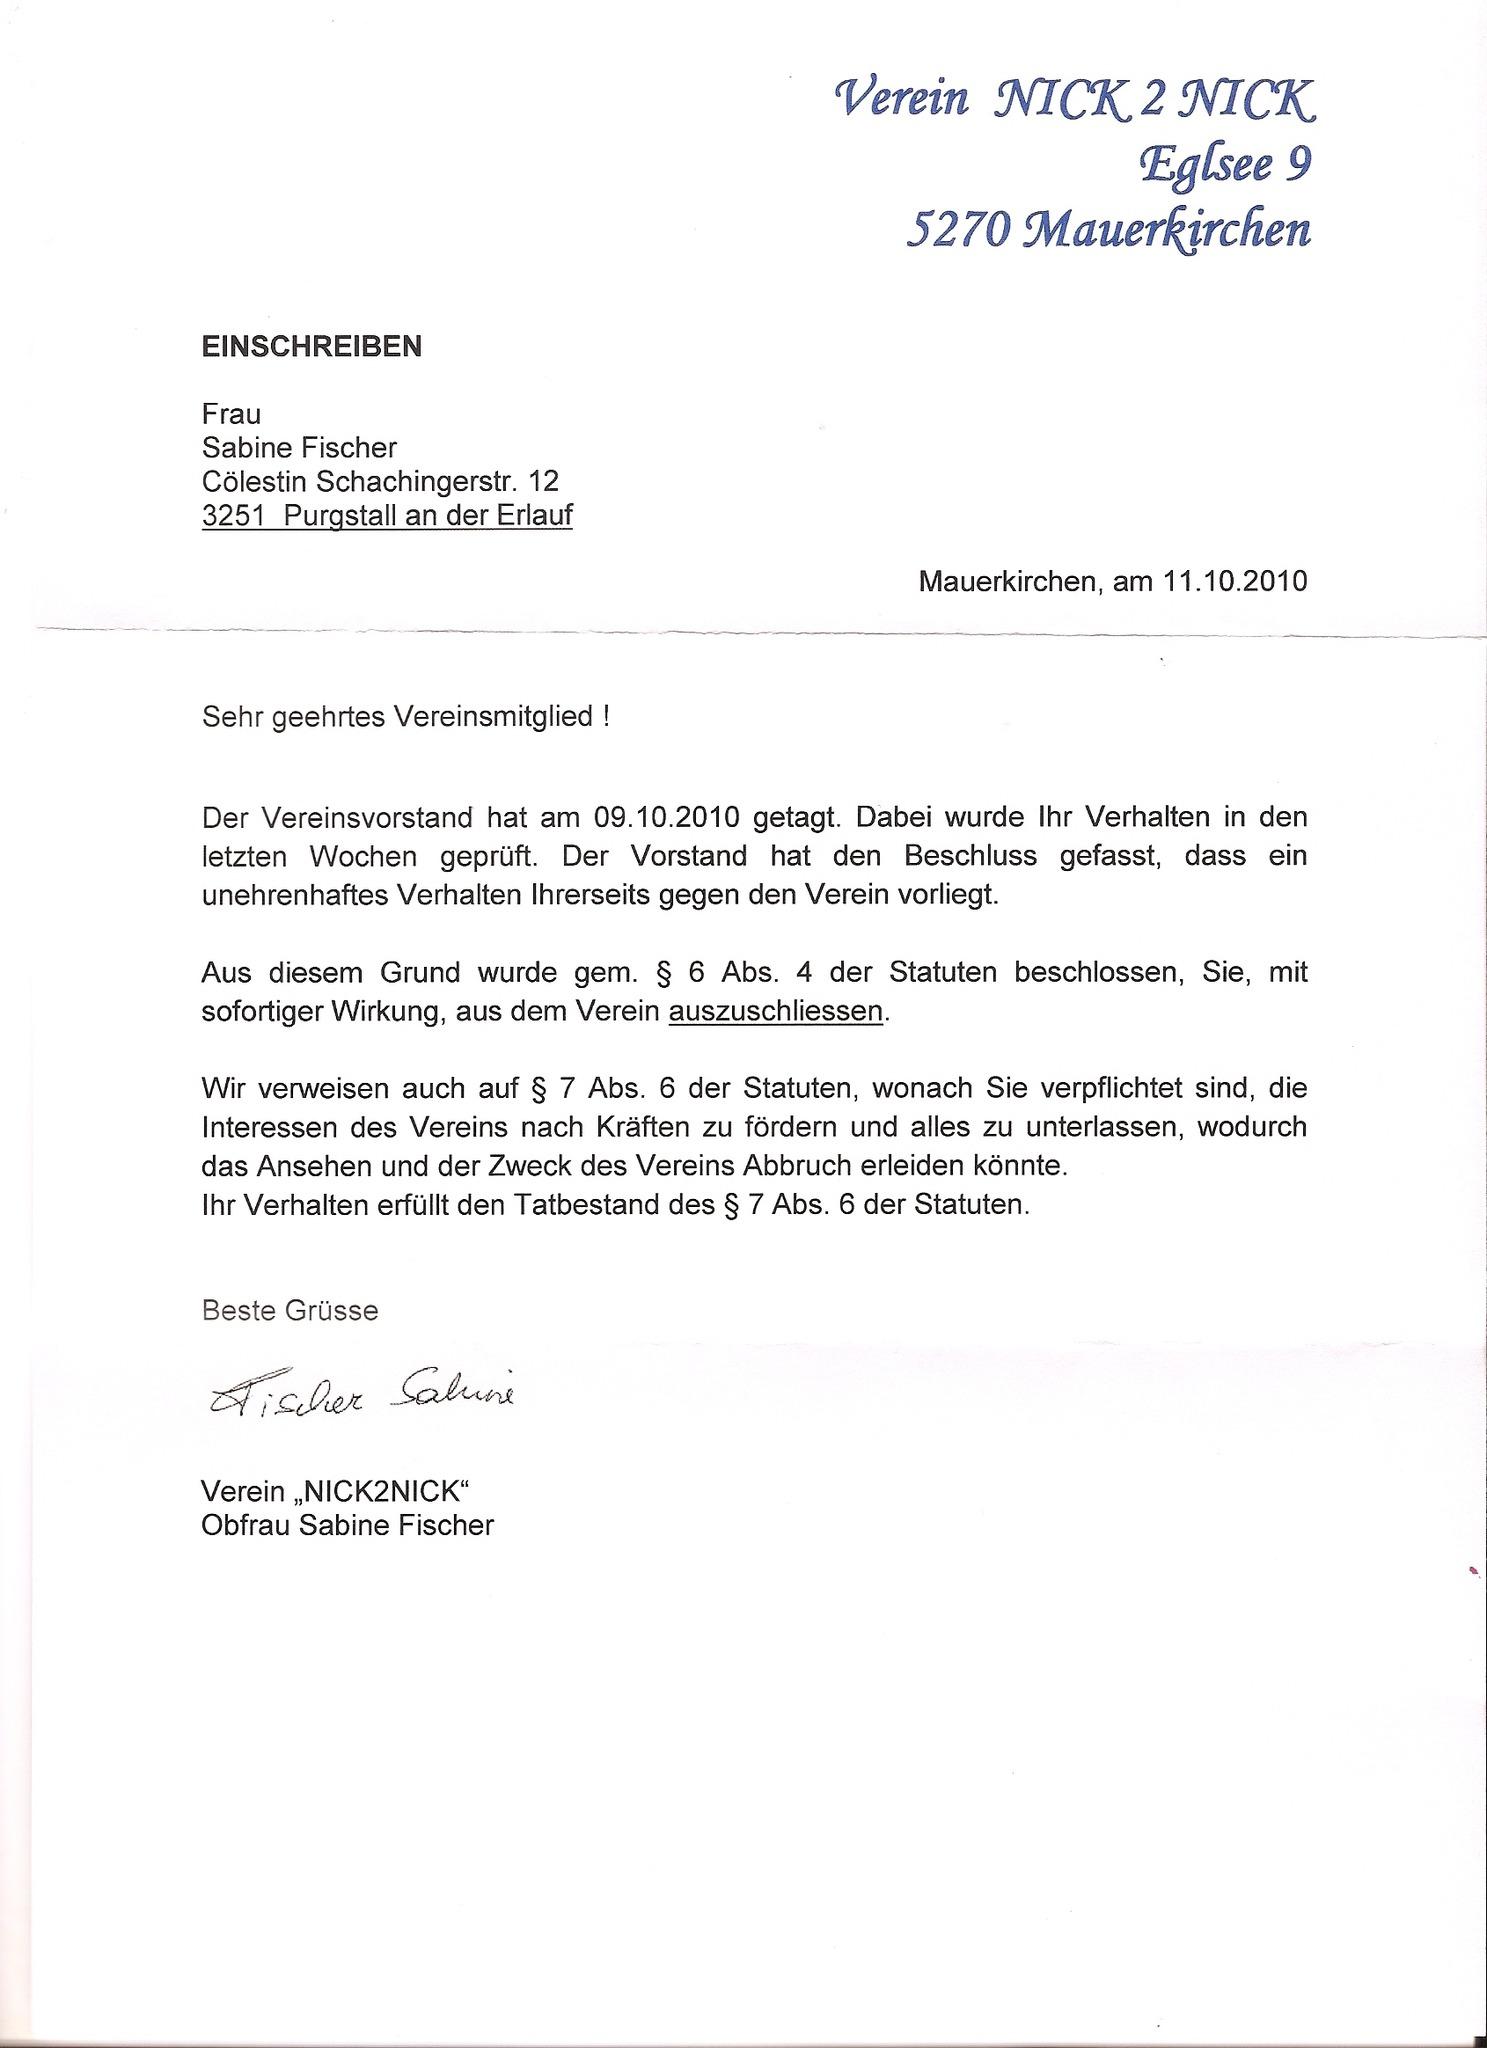 Mauerkirchen singles und umgebung - Fick treffen in Bckeburg